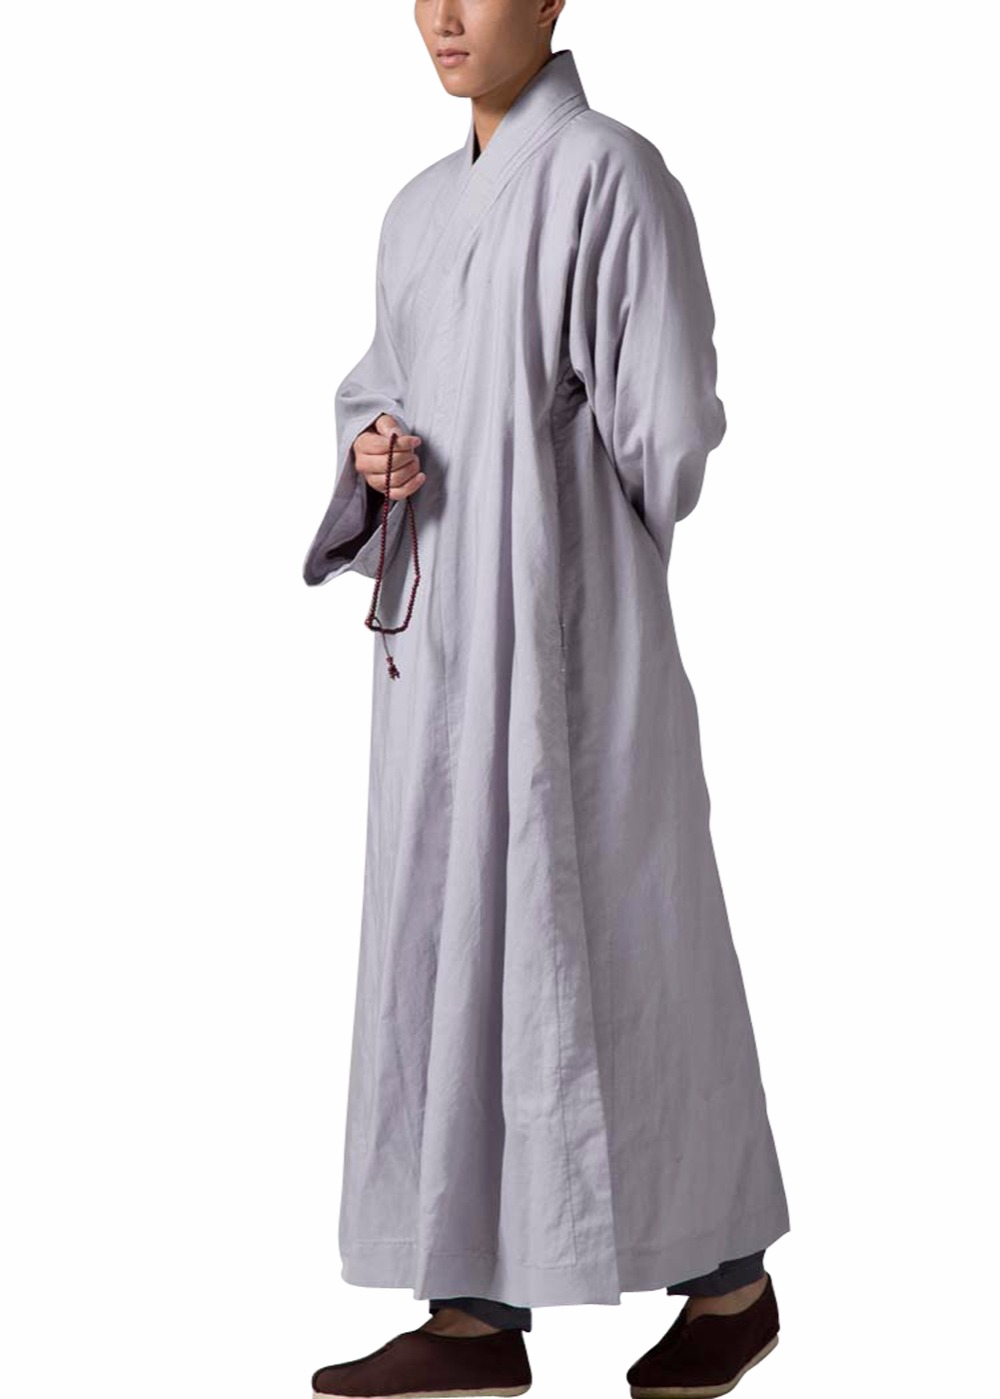 ZanYing Mäns Religion Buddhist Meditation Monk Robe Grå - Nationella kläder